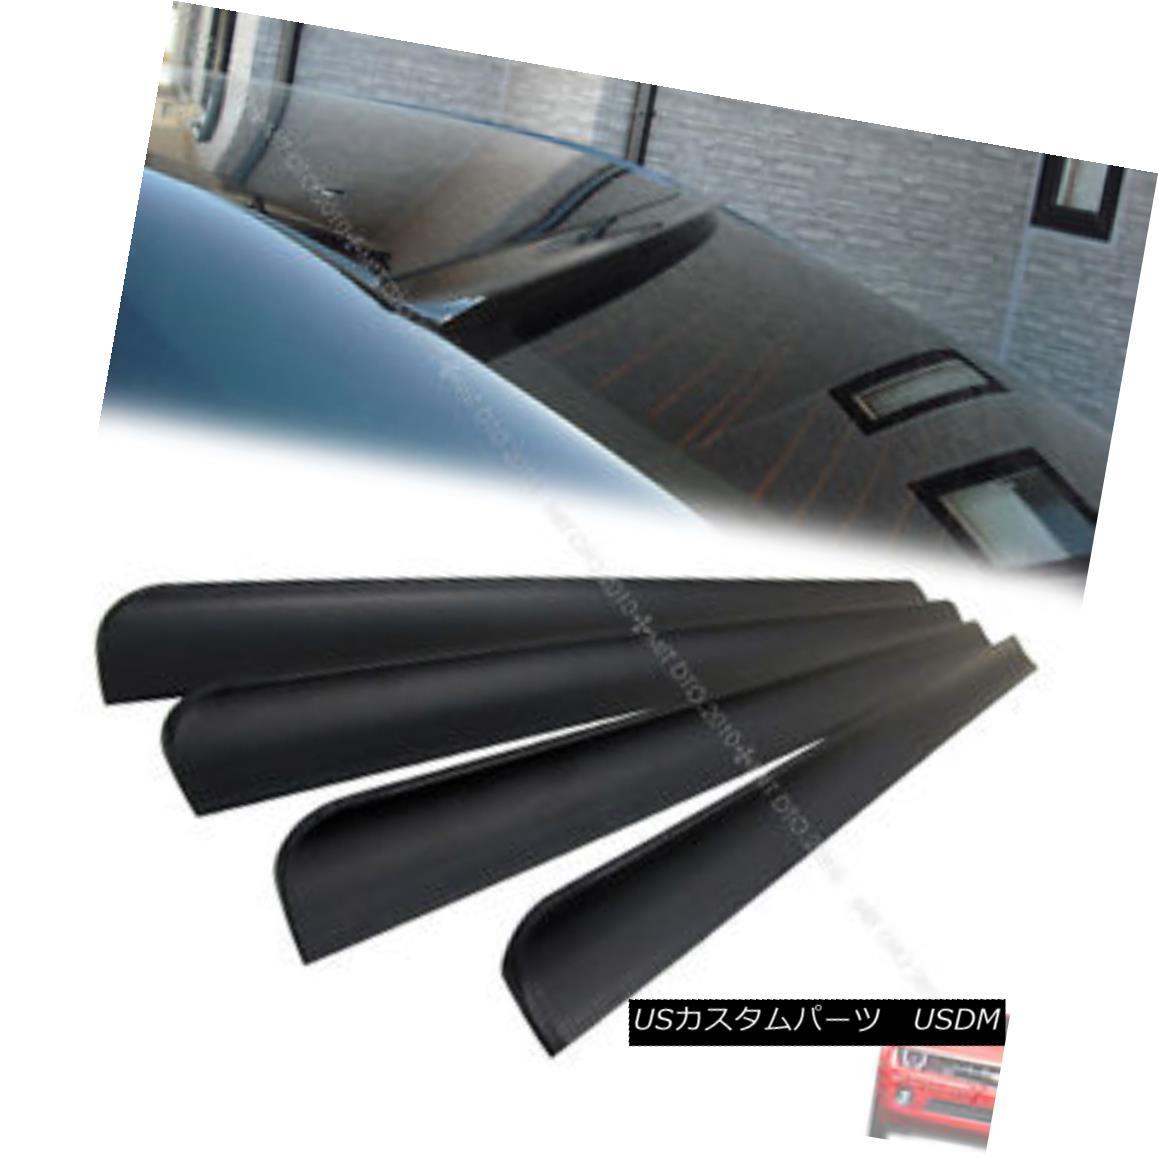 エアロパーツ UNPAINTED Chevrolet Malibu 6th 5DR Rear Roof Window Spoiler 04-07 § UNPAINTEDシボレーマリブ6th 5DRリアルーフウインドウ・スポイラー04-07